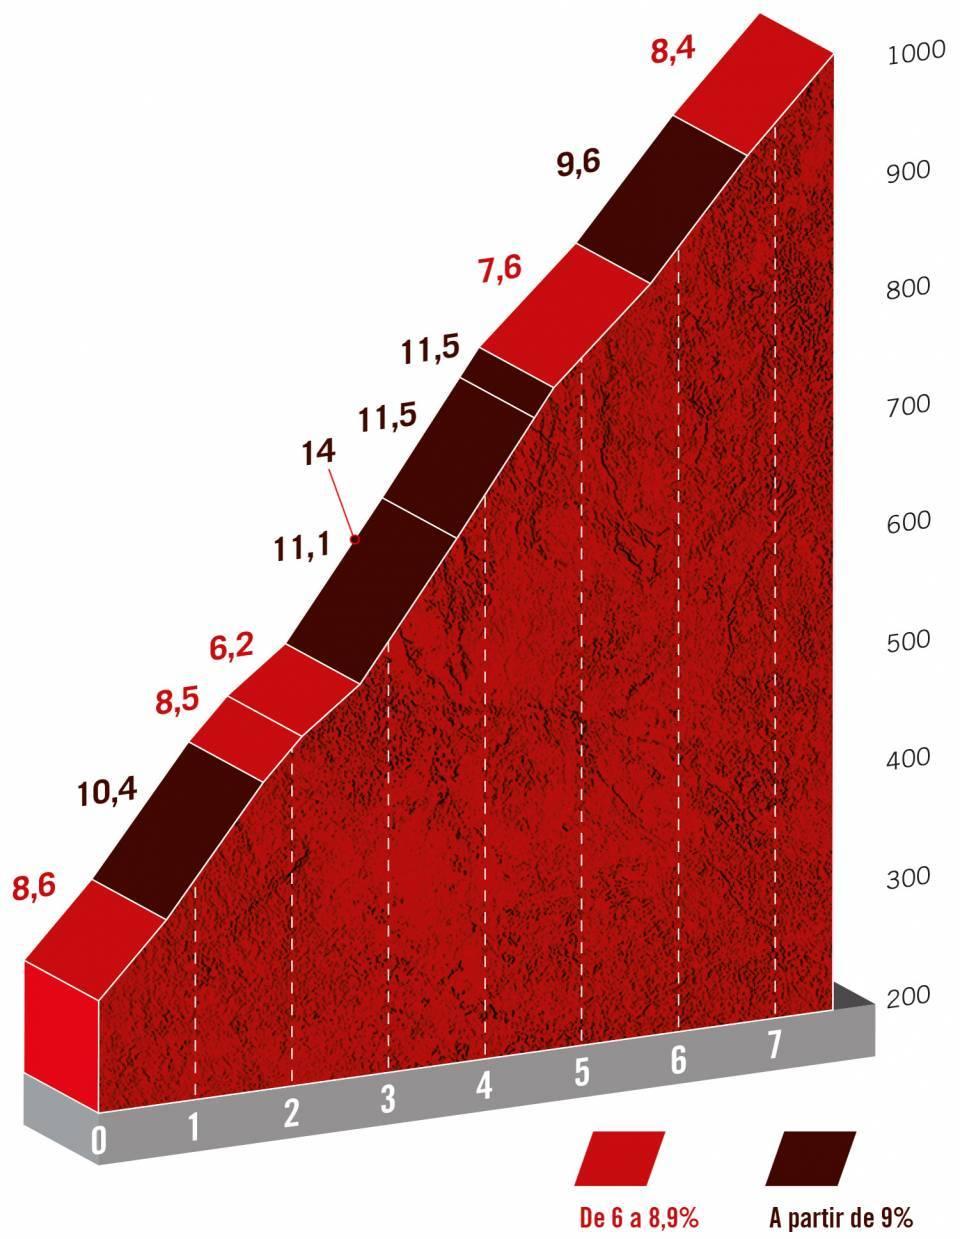 Vuelta 21 profile stage 17 La Collada Llomena